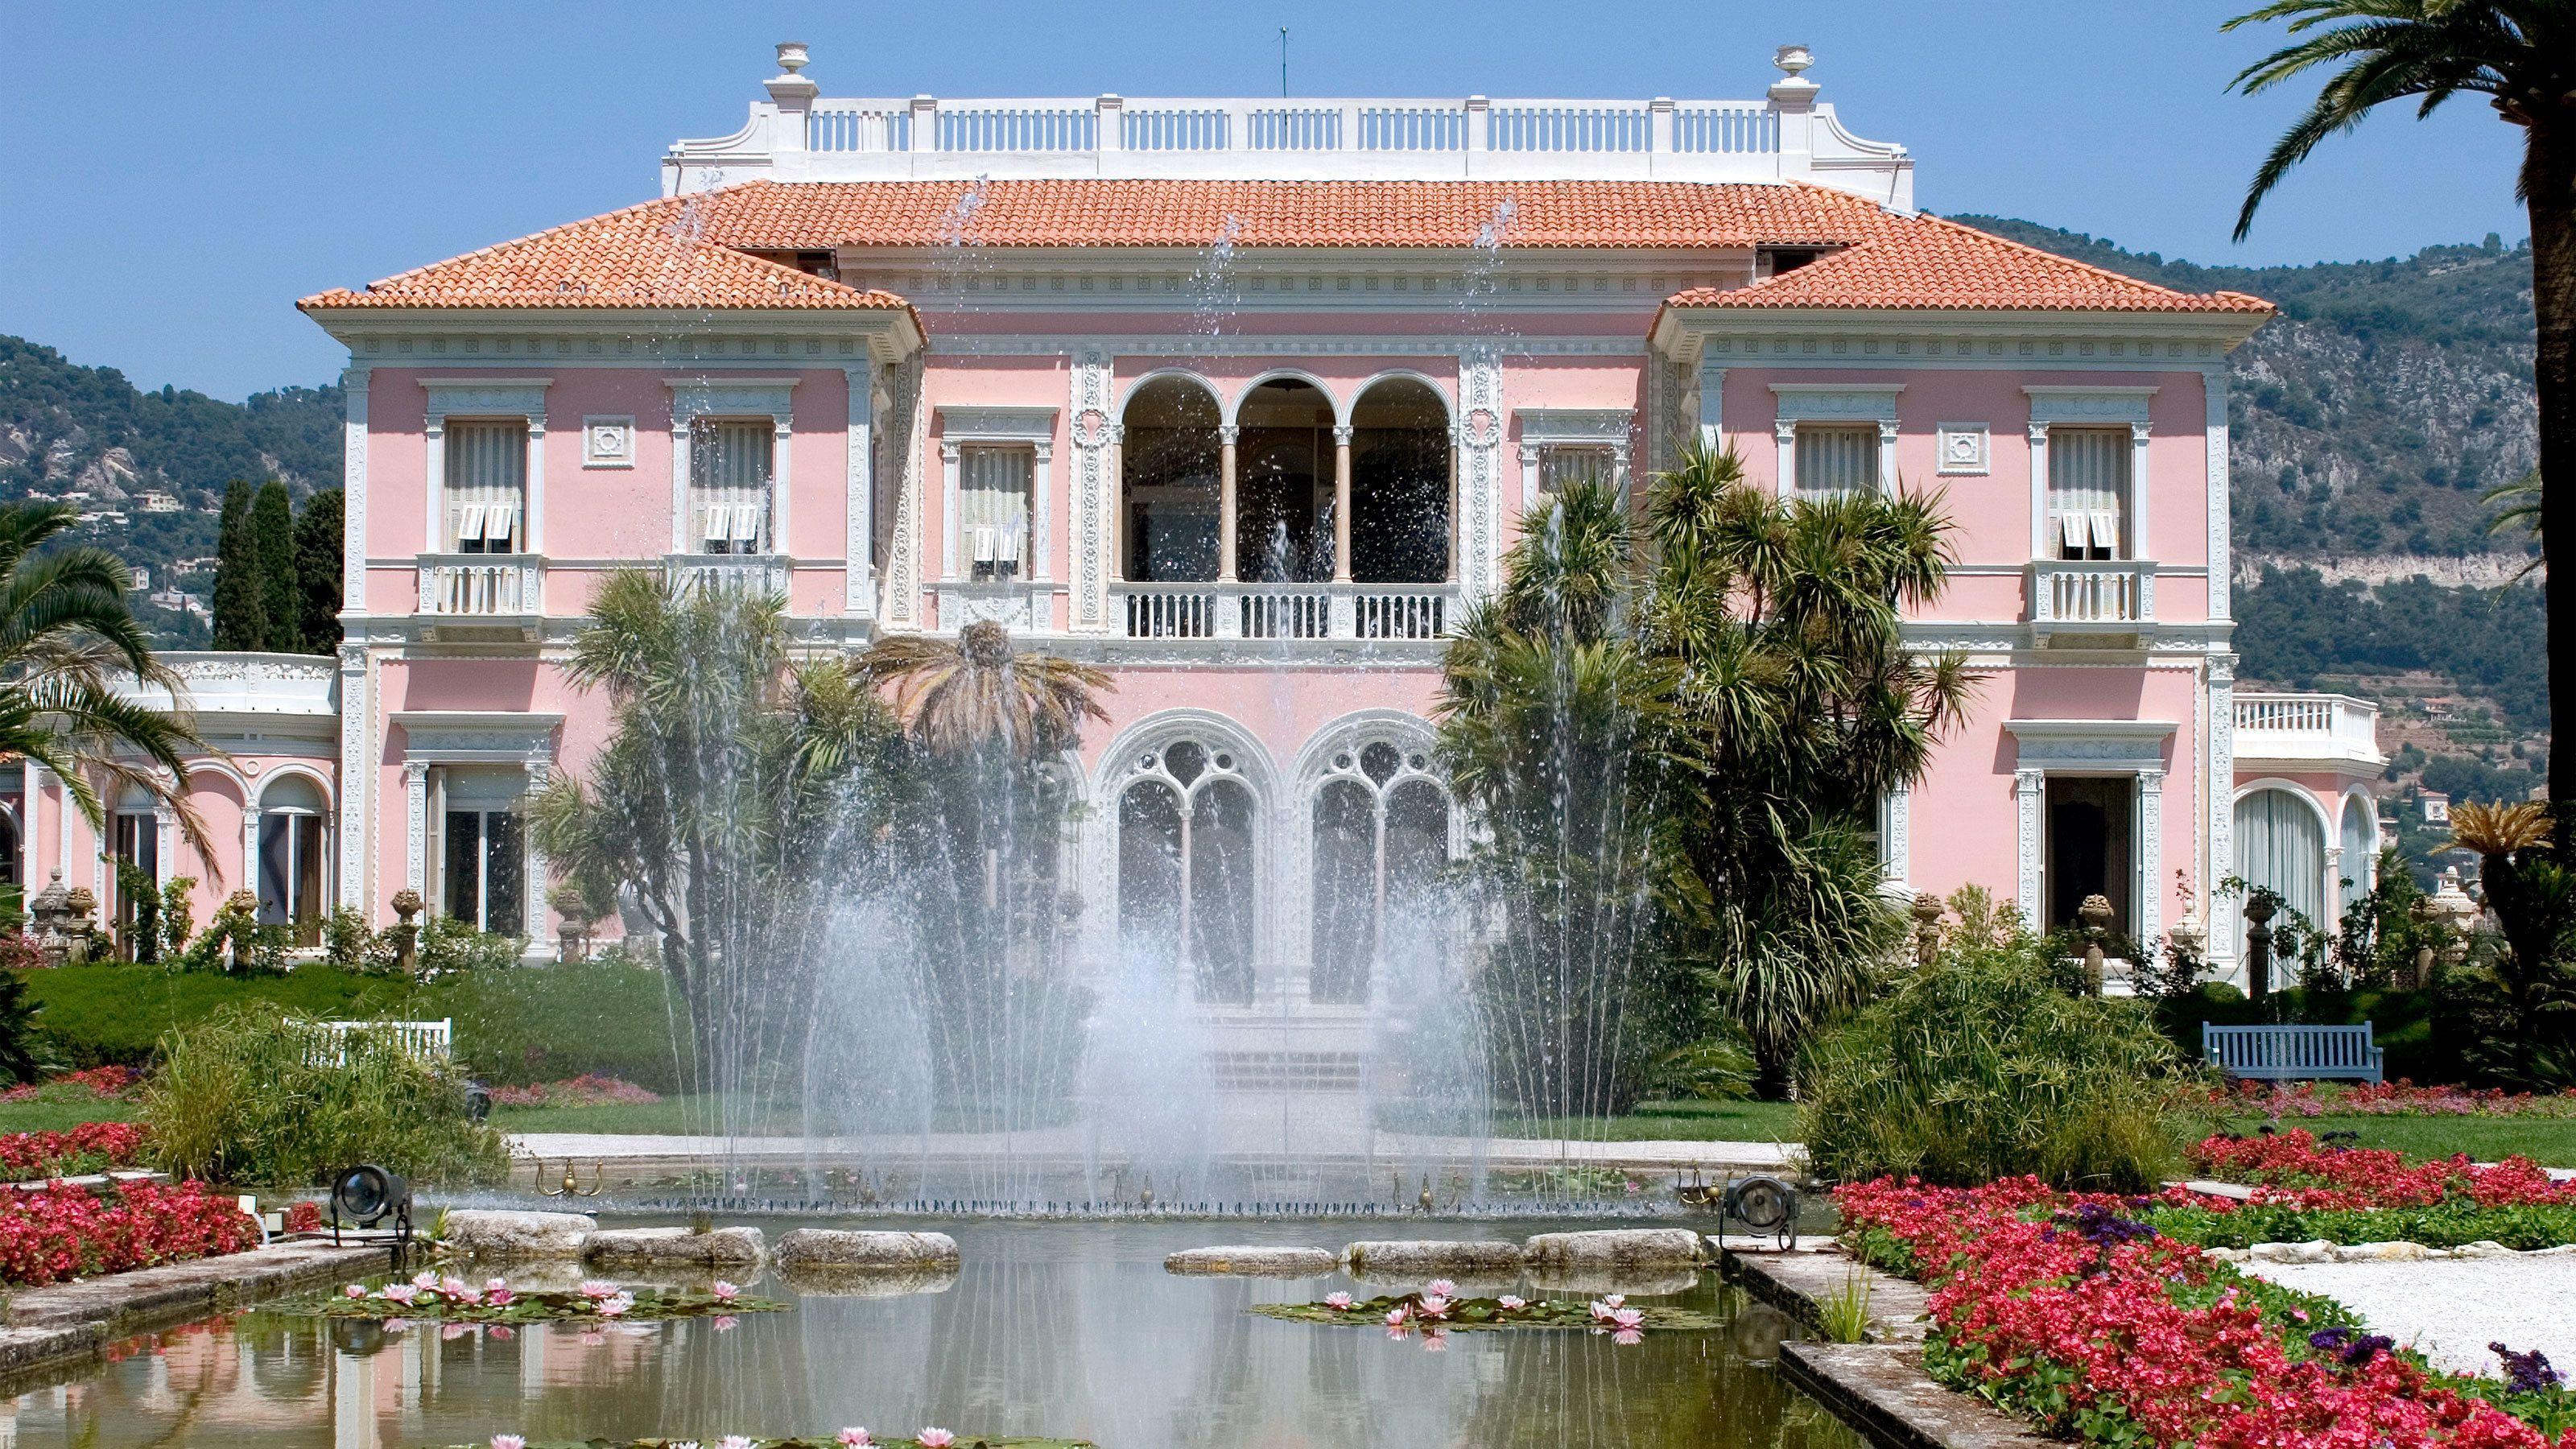 Villa Ephrussi de Rothschild in Cannes